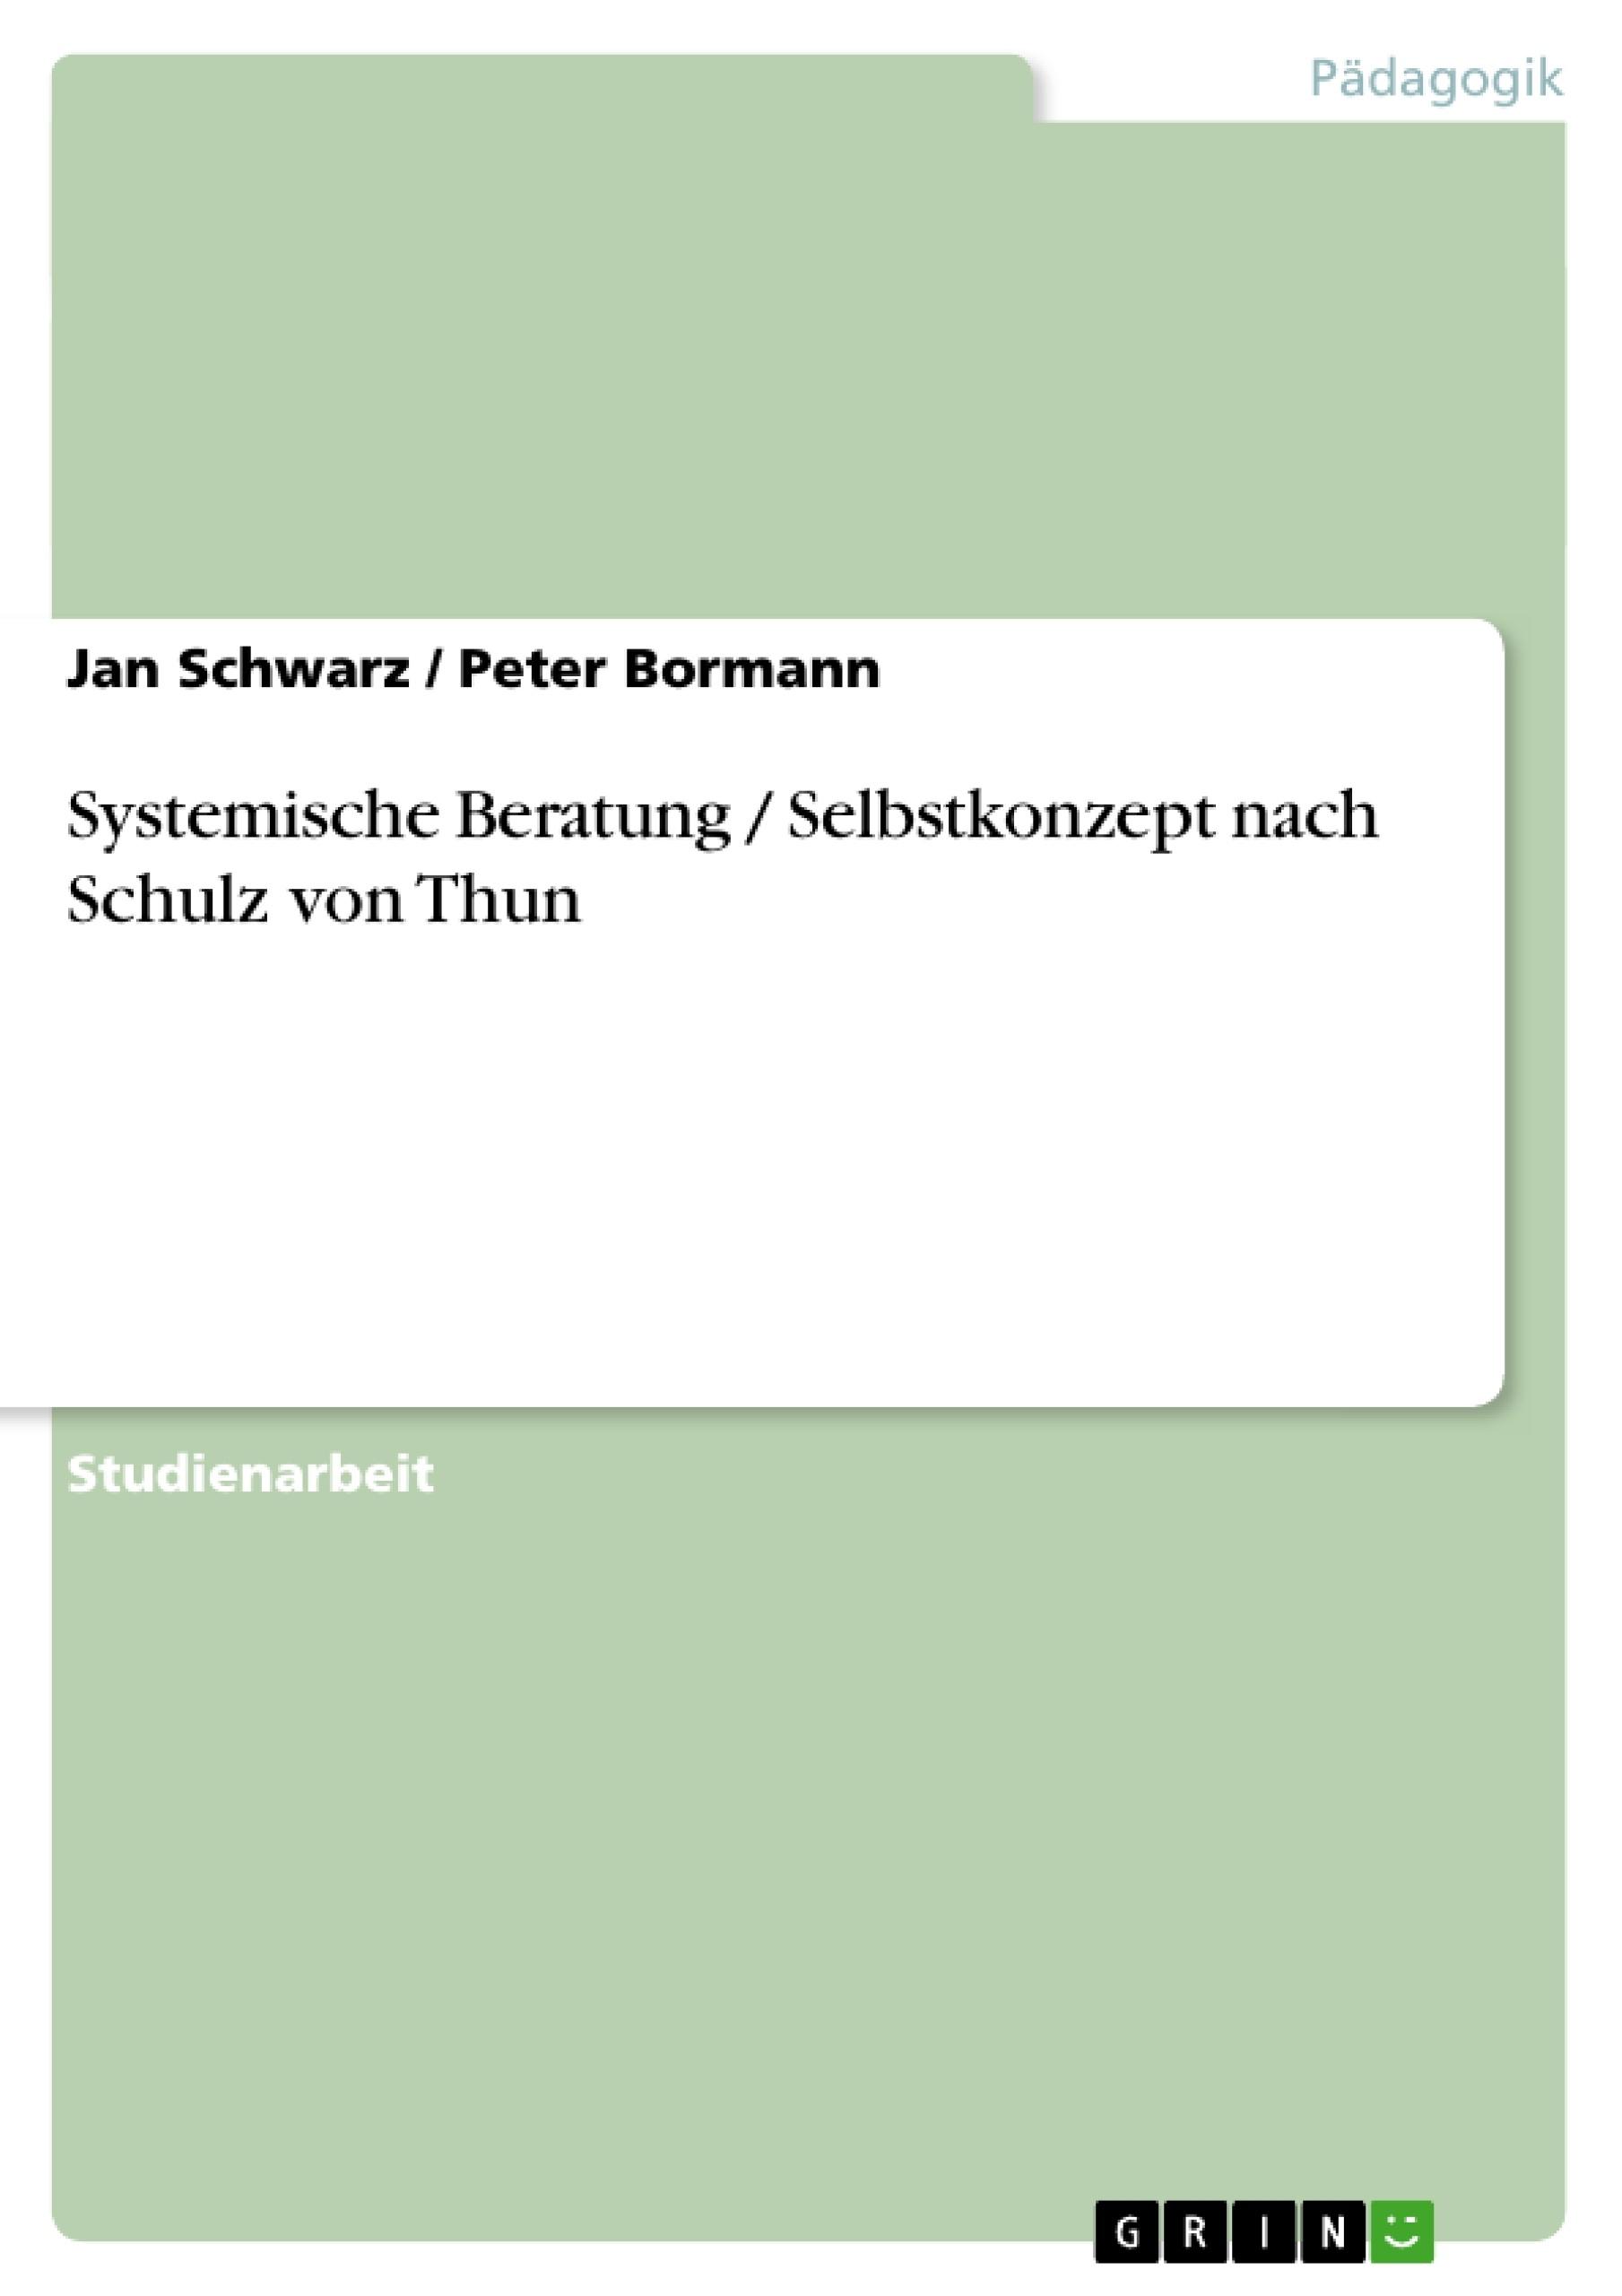 Titel: Systemische Beratung / Selbstkonzept nach Schulz von Thun